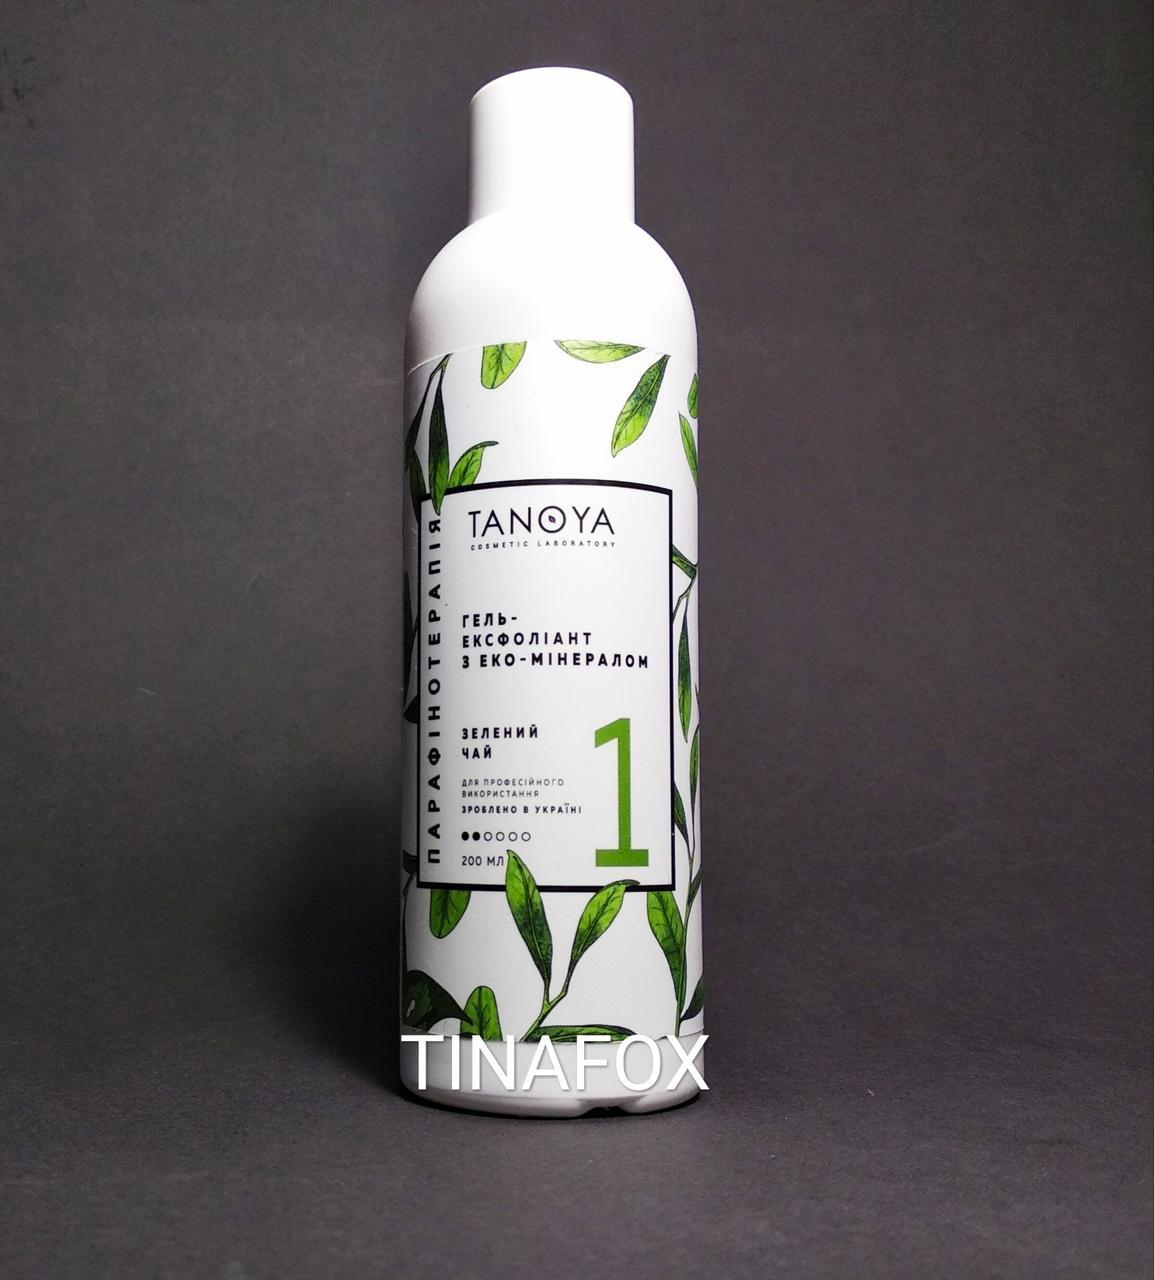 Гель-эксфолиант с эко-минералом TANOYA 200 МЛ, Зелёный чай (Шаг 1)